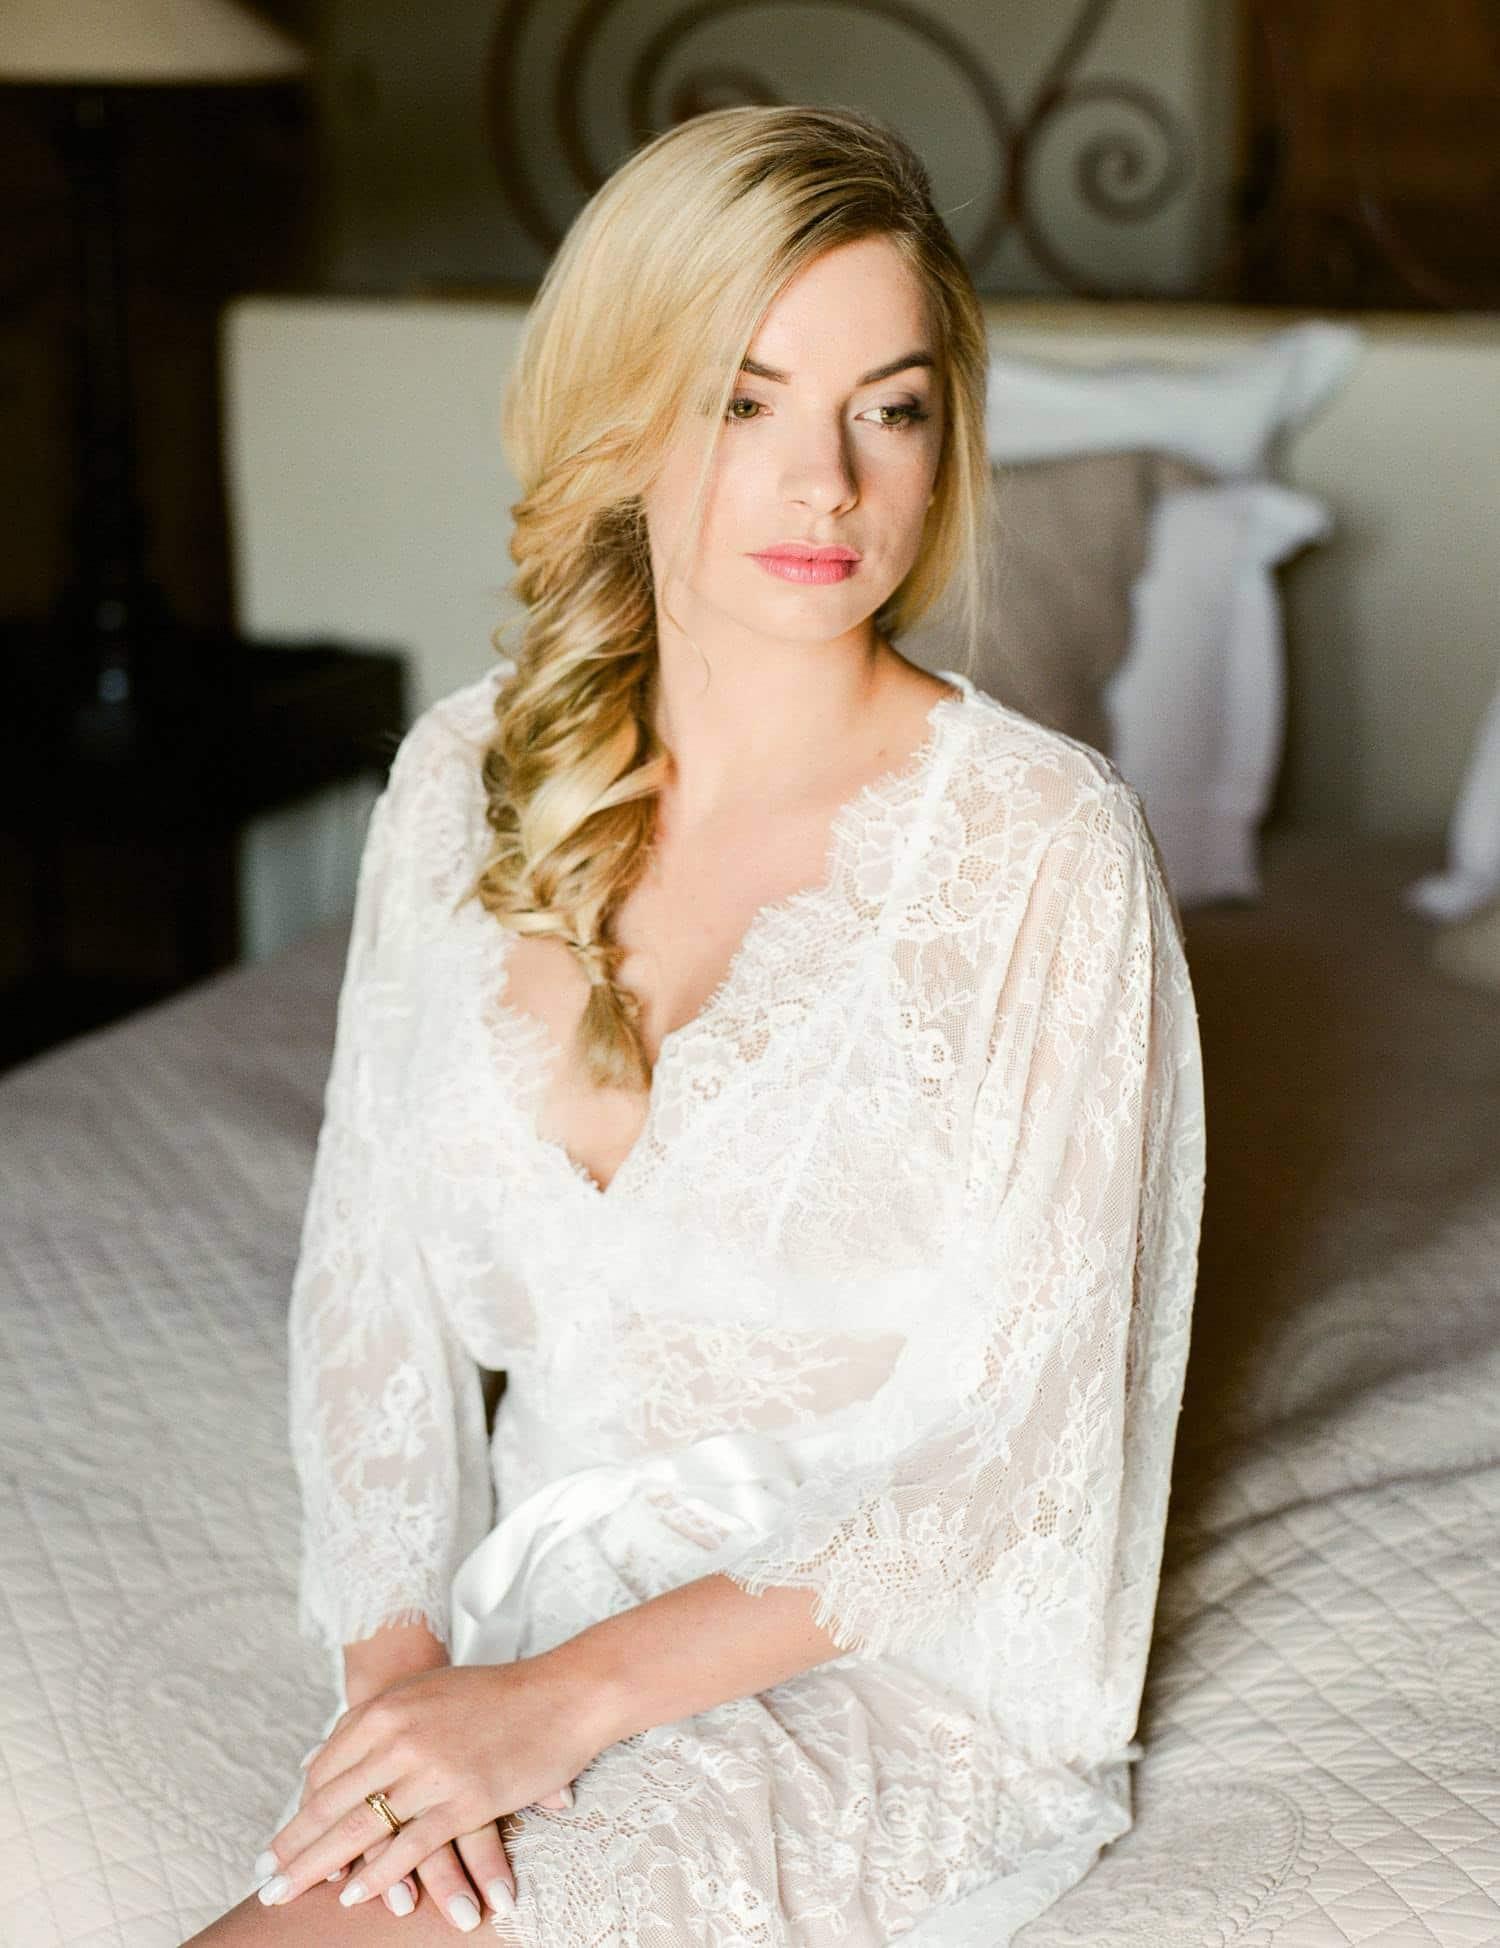 fine art boudoir